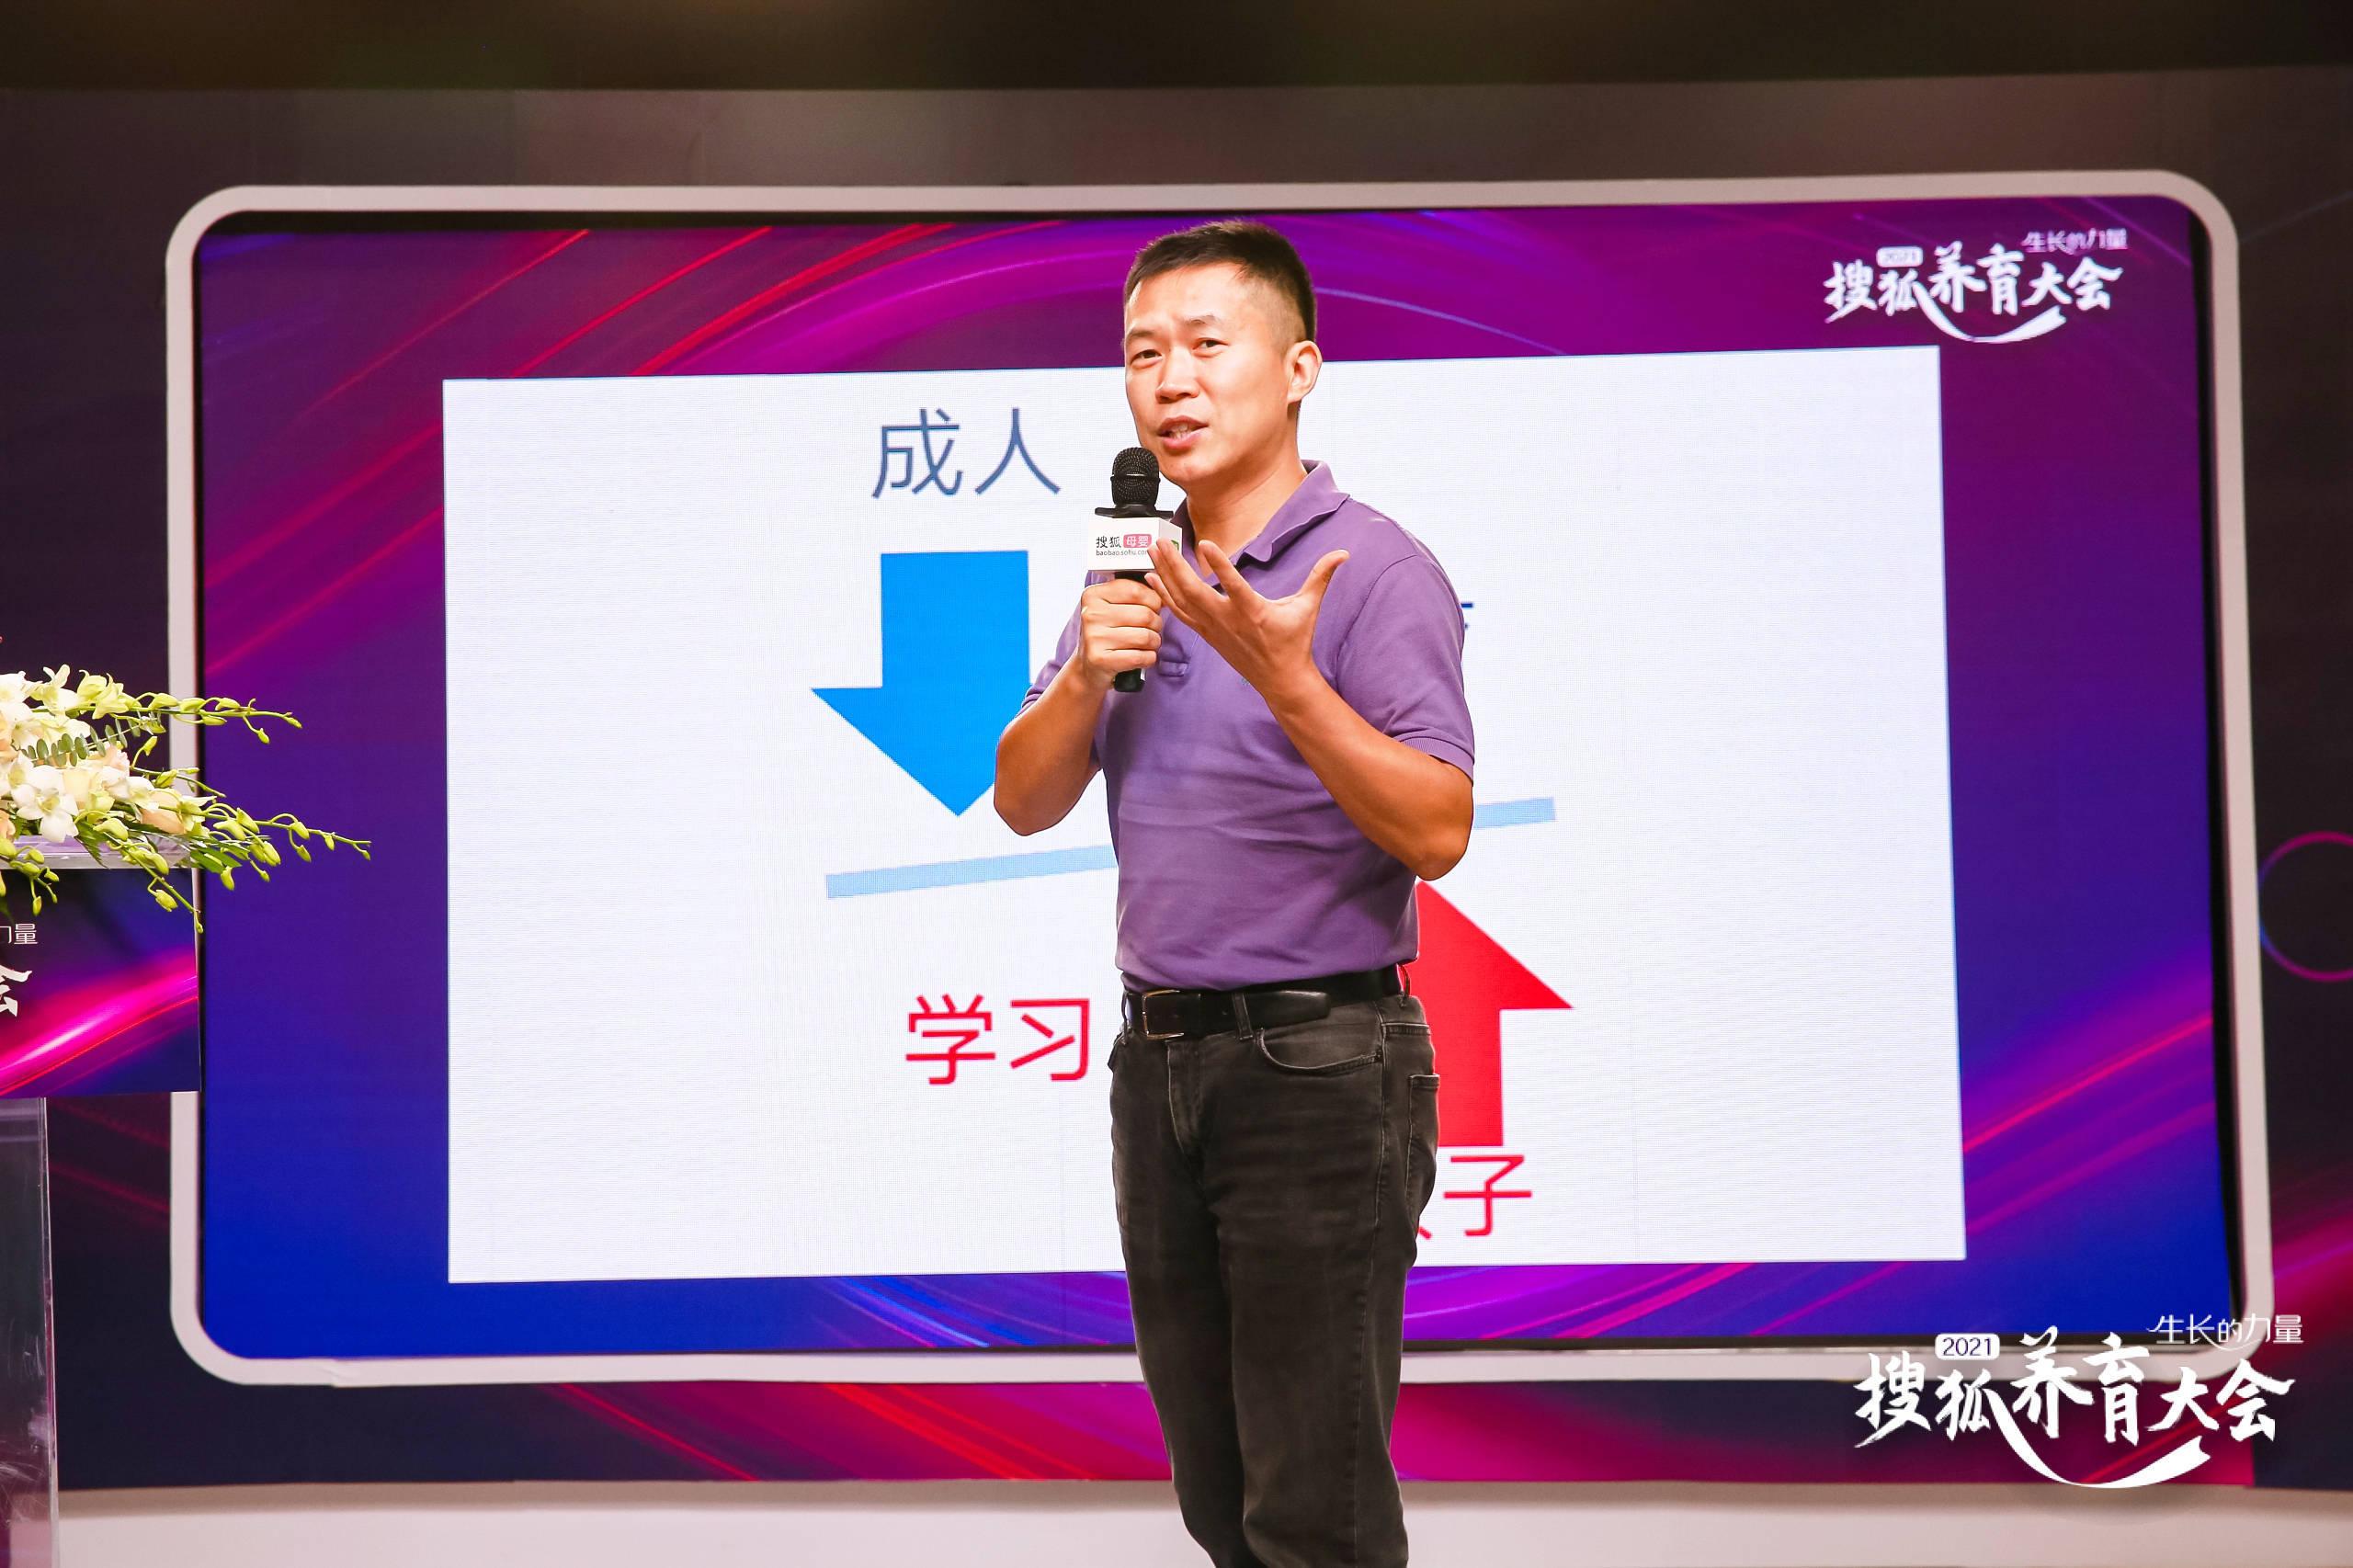 赵昱鲲:关于自主学习的三个误区和三个建议